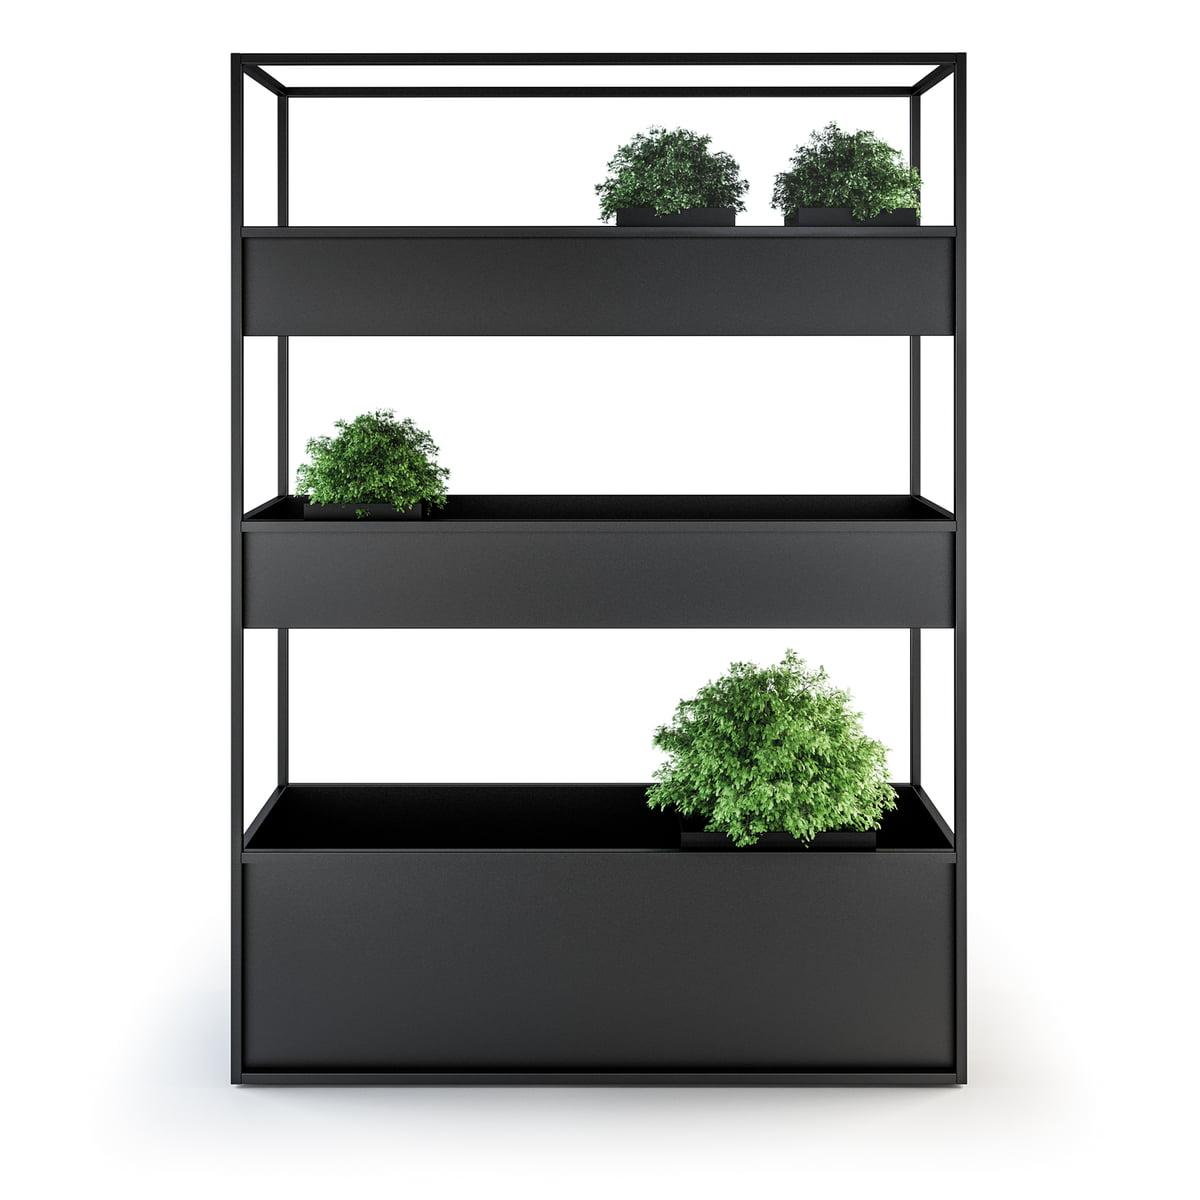 Planter Herbes Aromatiques Jardiniere röshults - jardinière en métal planter carl, 1400/3 bacs à fleurs